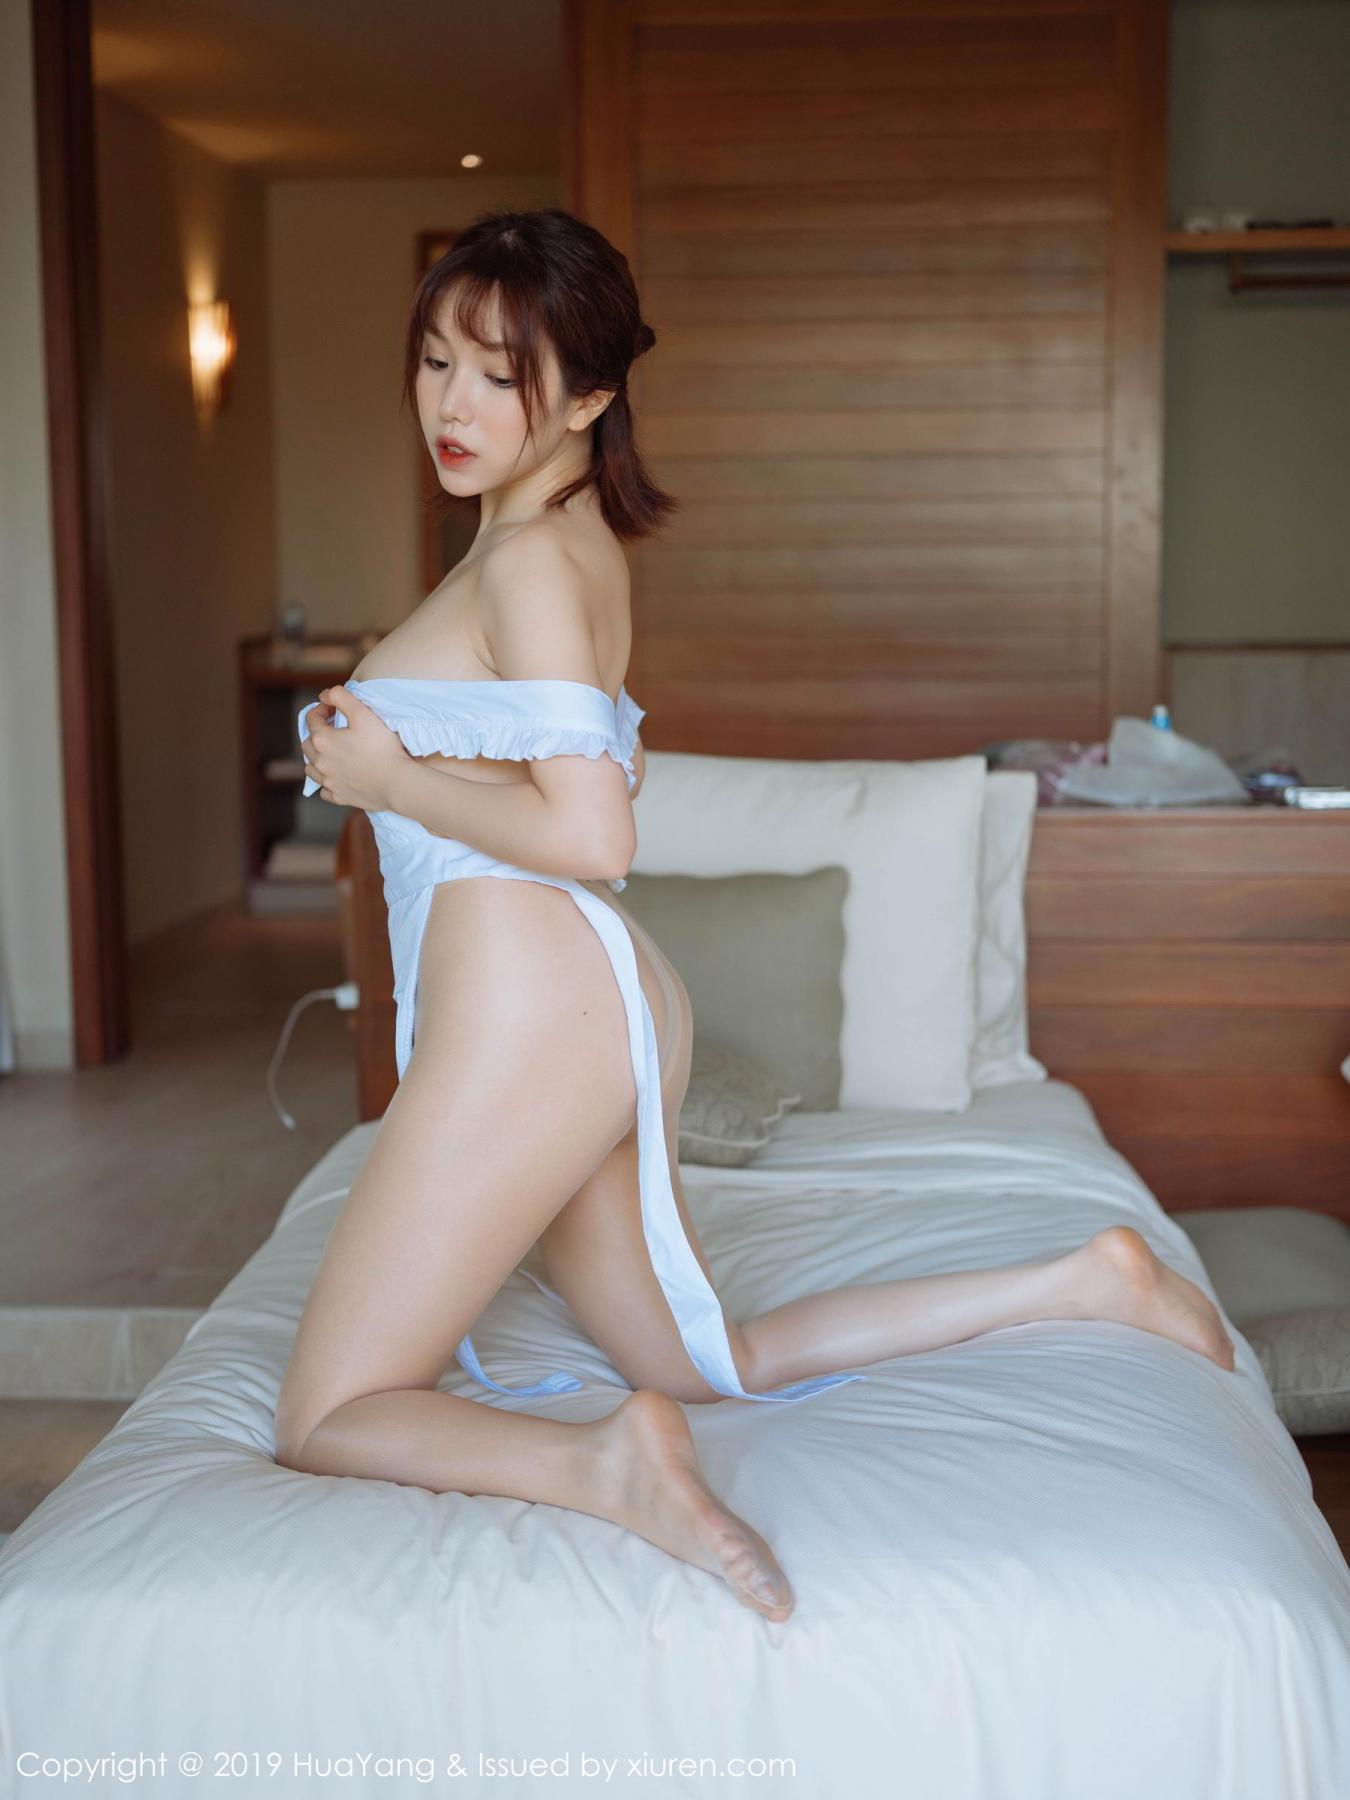 [Huayang] Vol.134 Huang Le Ran 42P, Huang Le Ran, HuaYang, Maid, Sexy